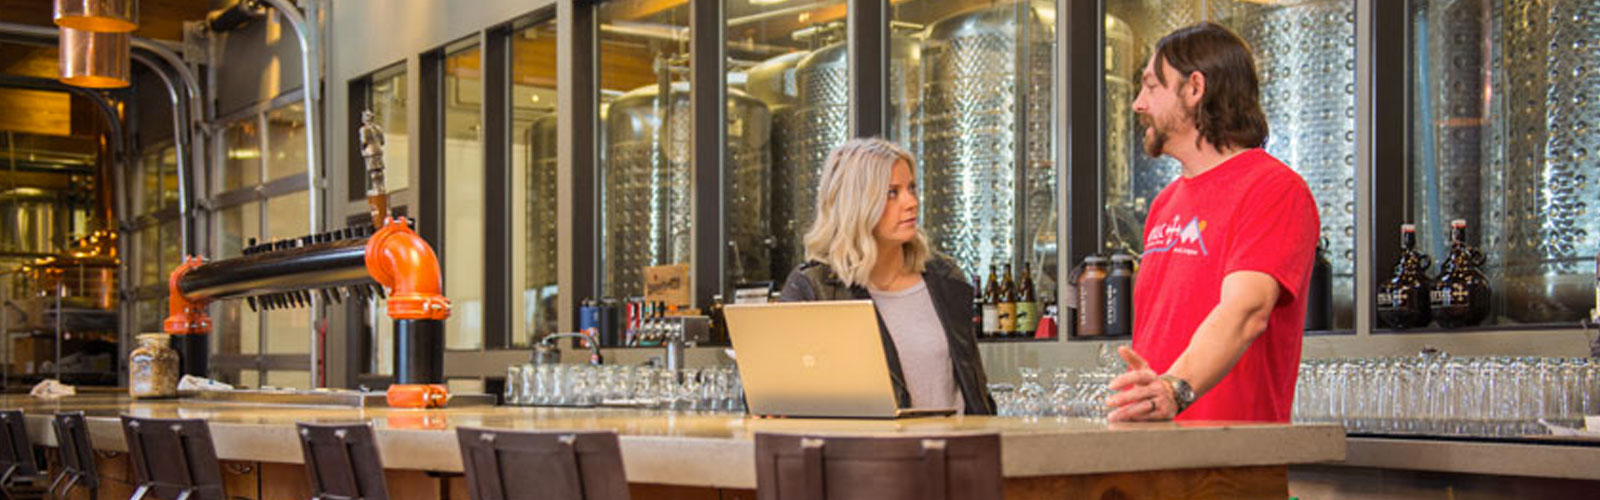 man and woman talking at a bar